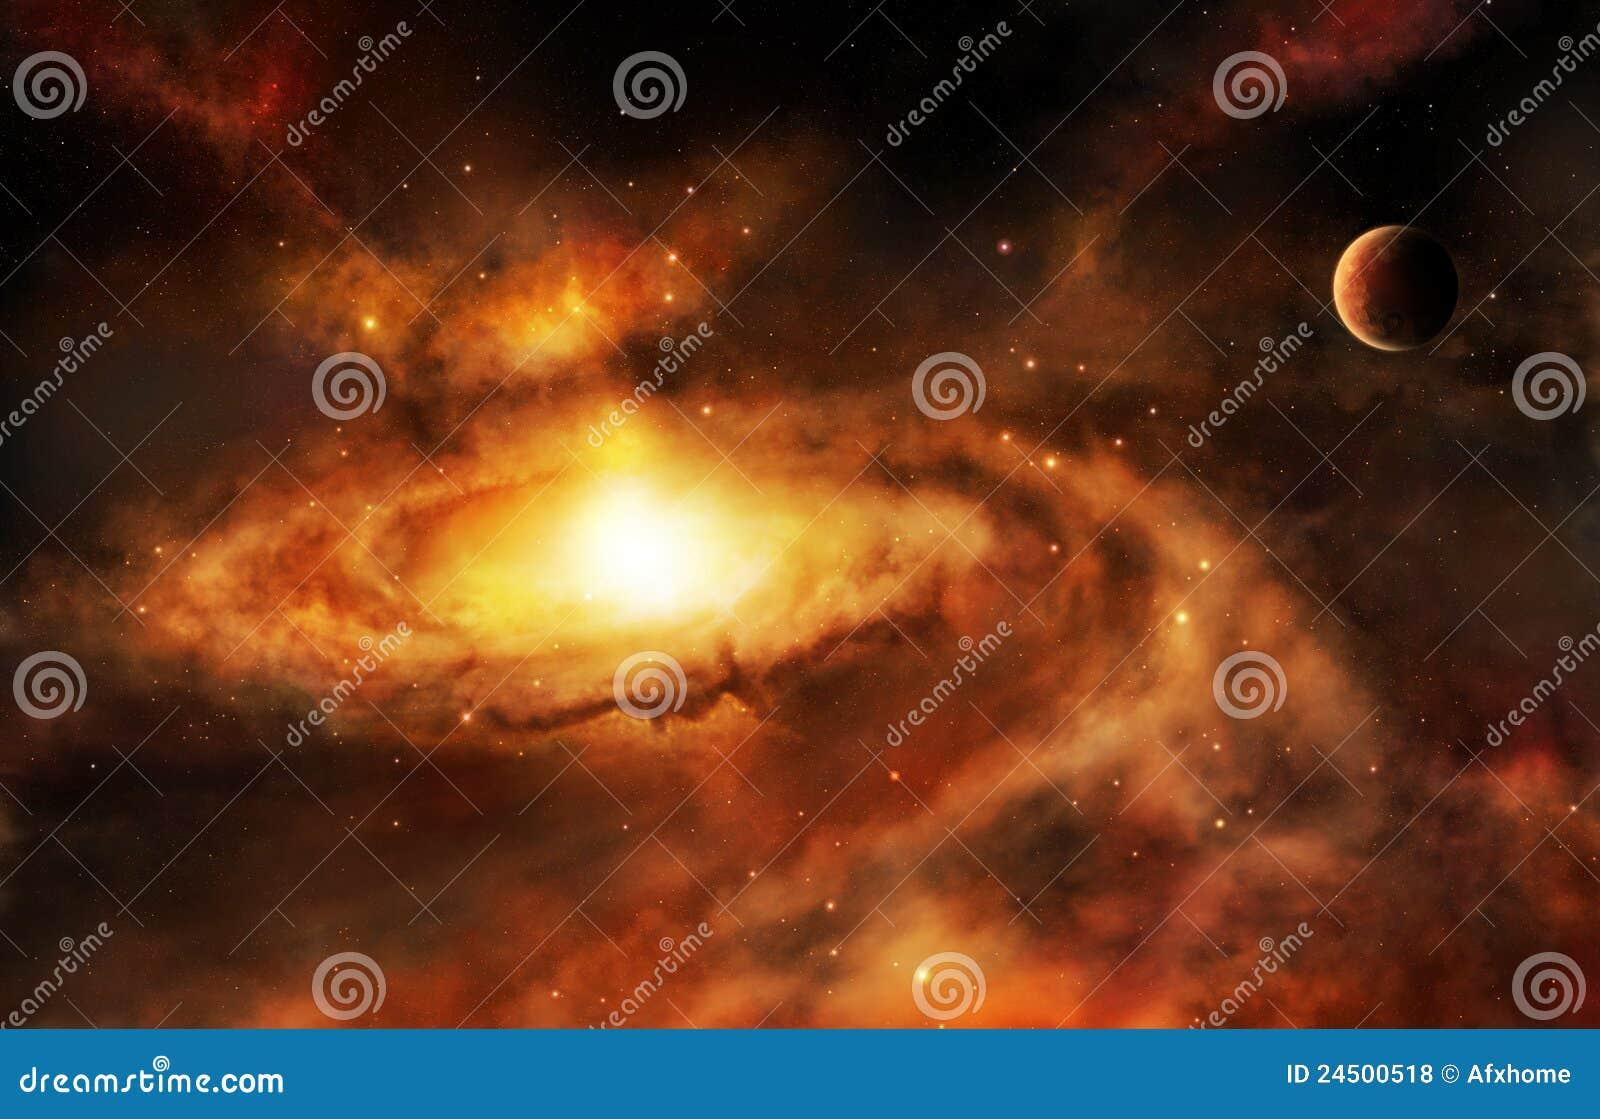 De kernnevel van de melkweg in diepe ruimte